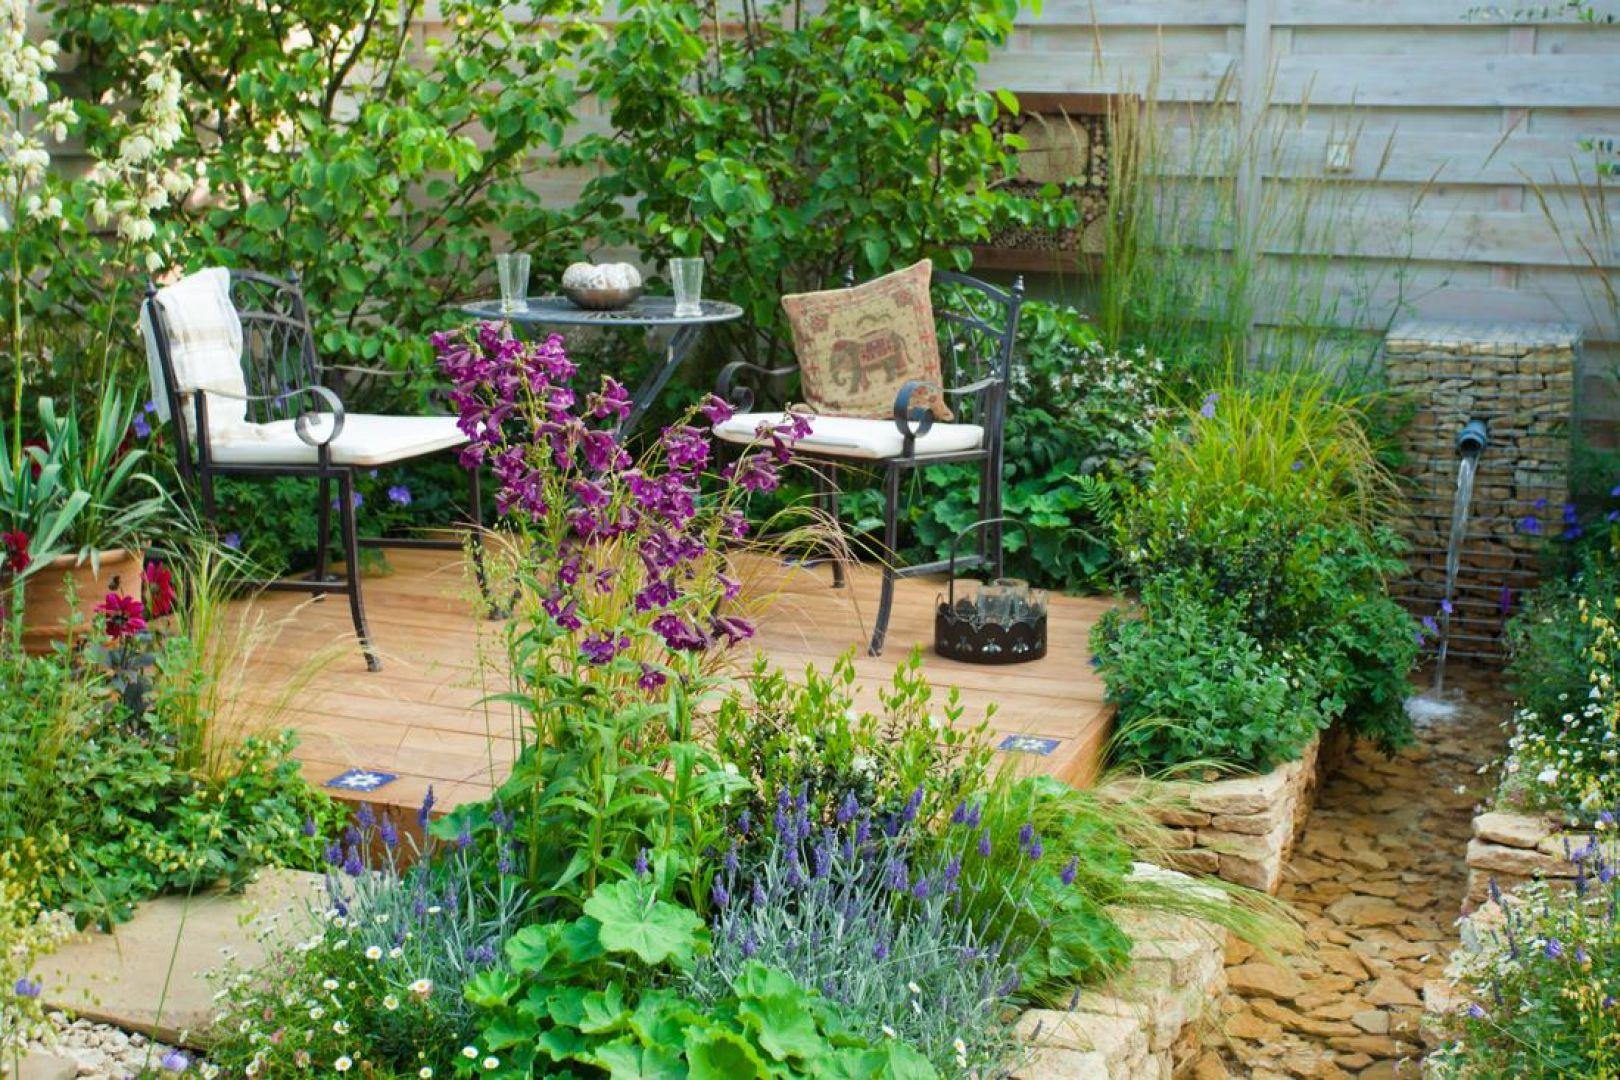 Etap przygotowań do nadchodzącej wiosny warto też poświęcić na zaprojektowanie małej architektury ogrodowej bądź wprowadzenie pewnych zmian w układzie przydomowego otoczenia. Fot. Shutterstock